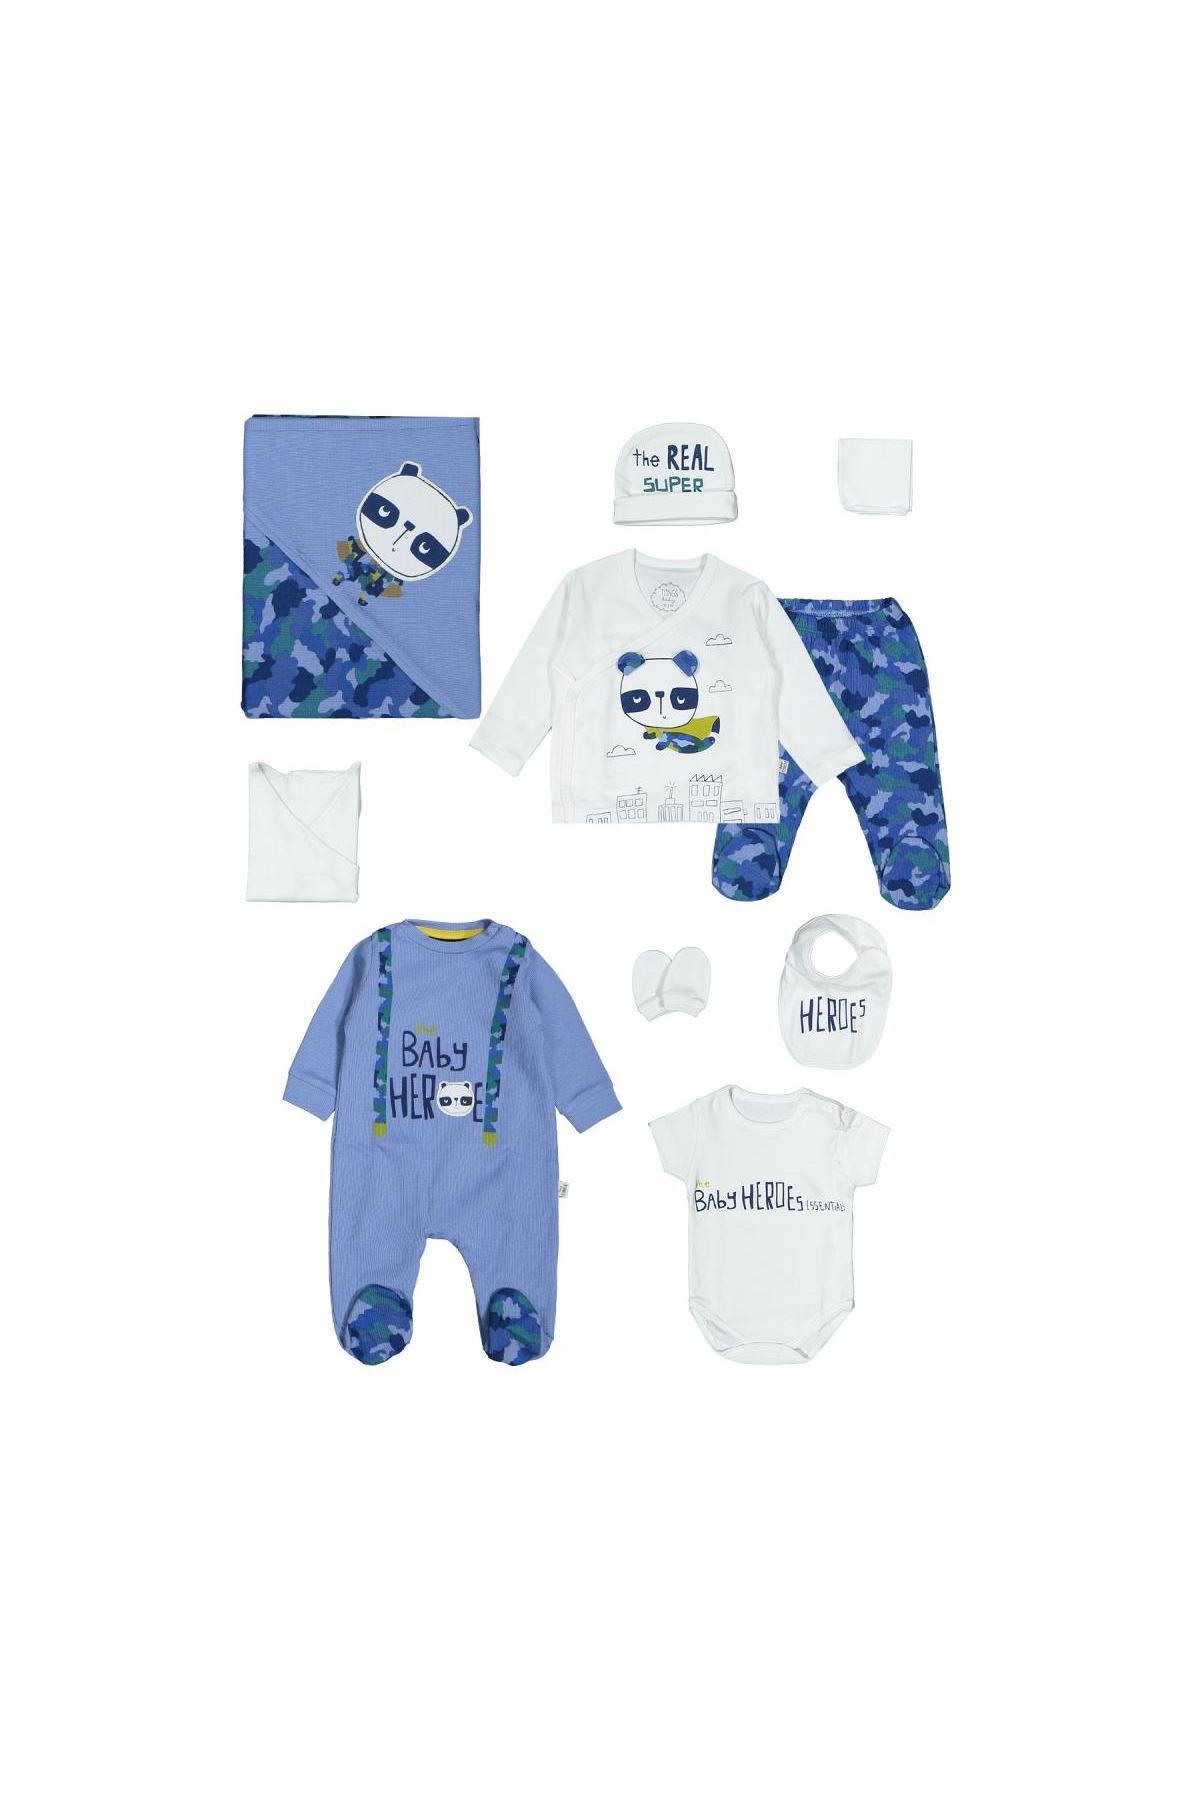 Tongs Baby Hero Tulumlu 10 Parça Zıbın Seti 3311 Mavi